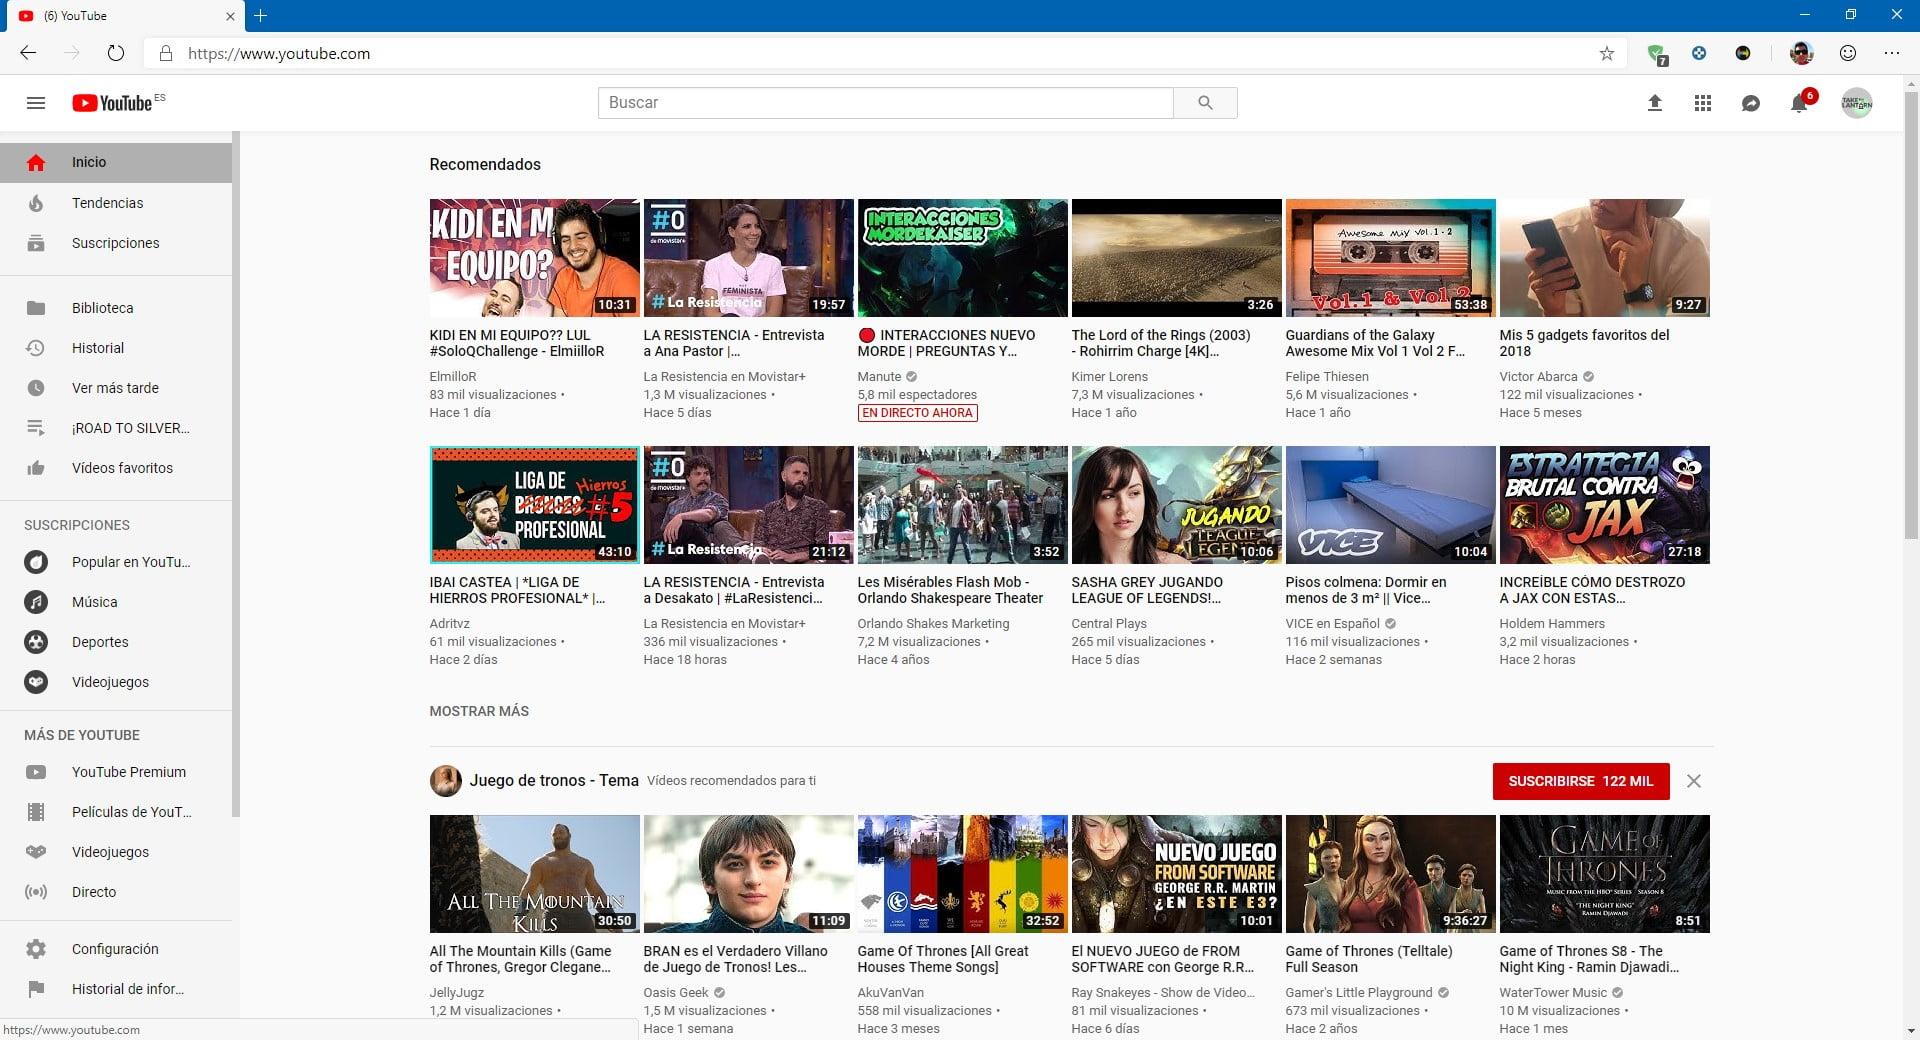 Nueva experiencia de YouTube funcionando en Edge basado en Chromium